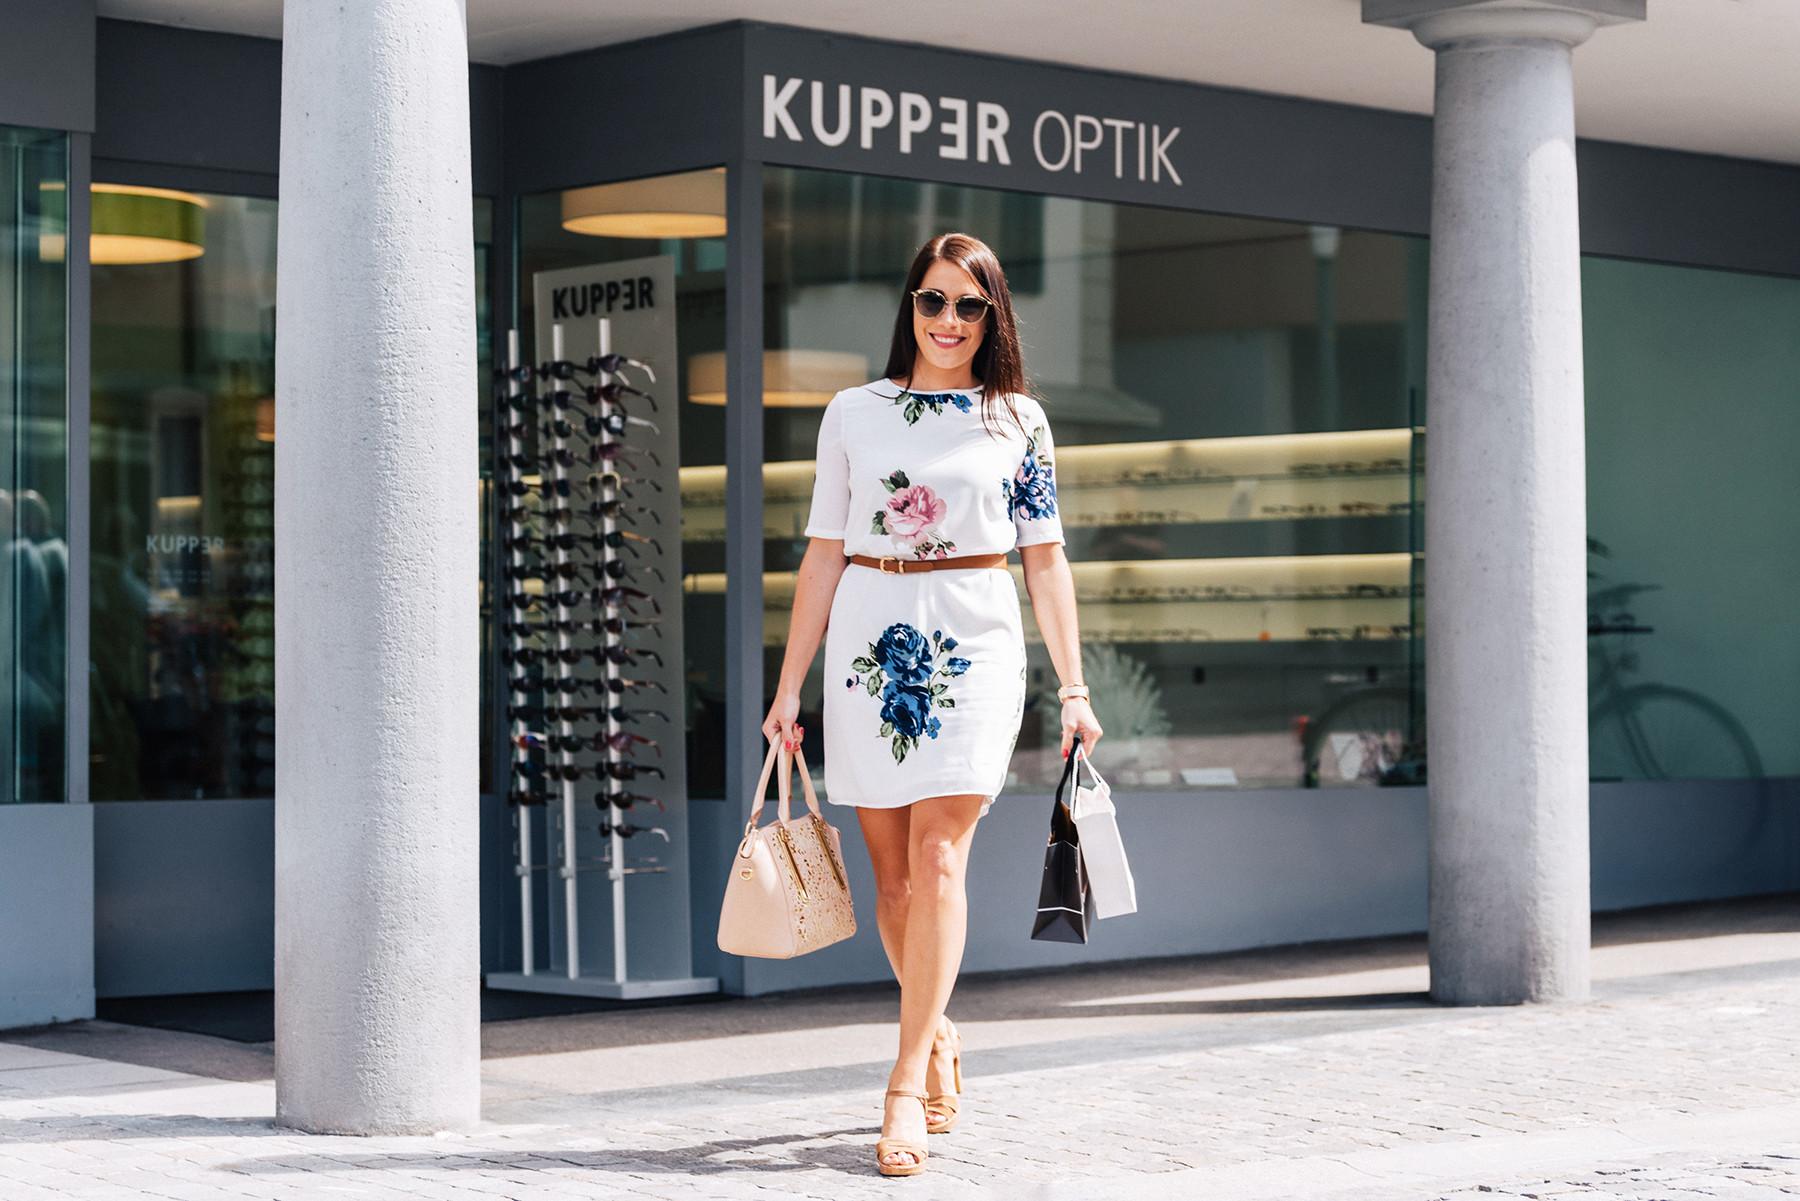 Kupper_Optik-3968_web.jpg